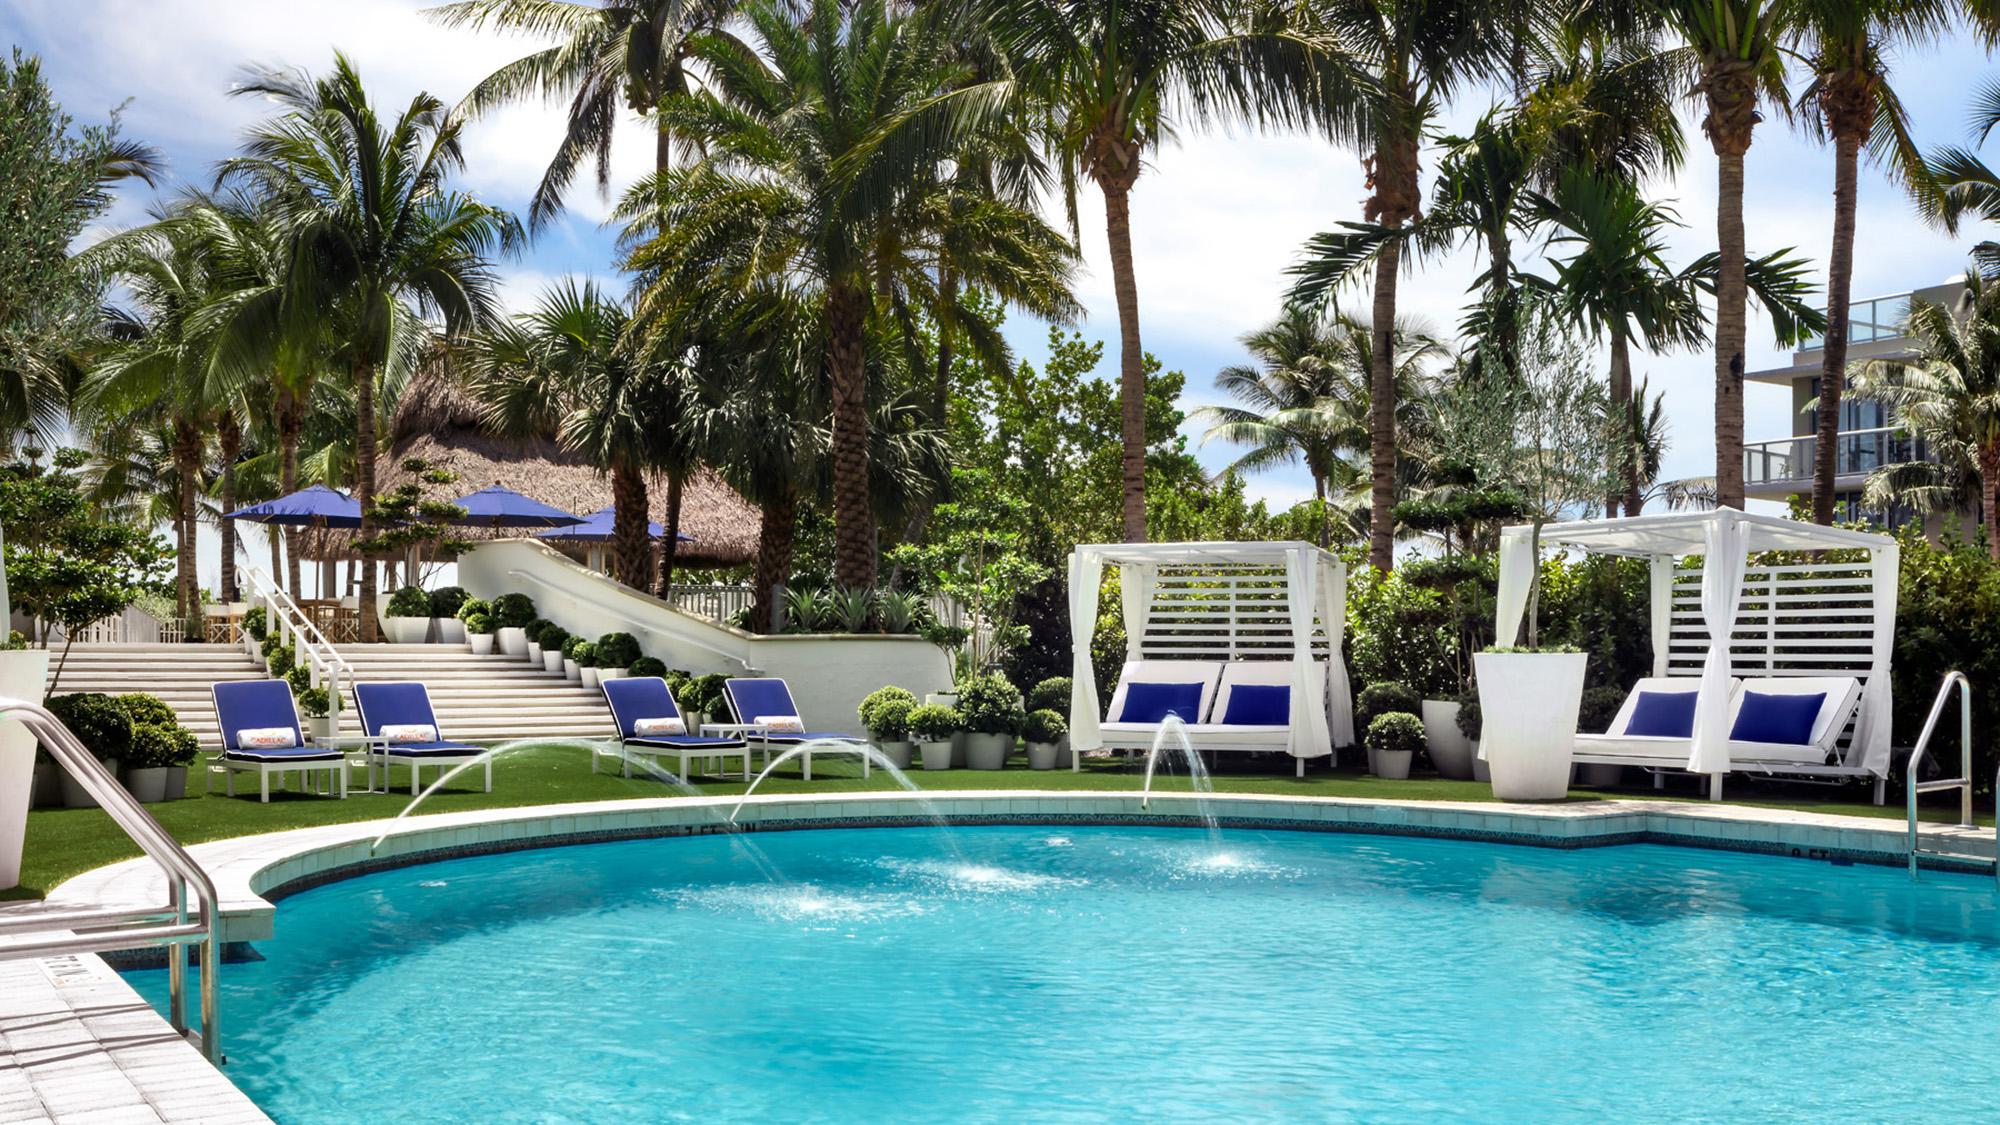 Cadillac Hotel Opens In Miami Beach